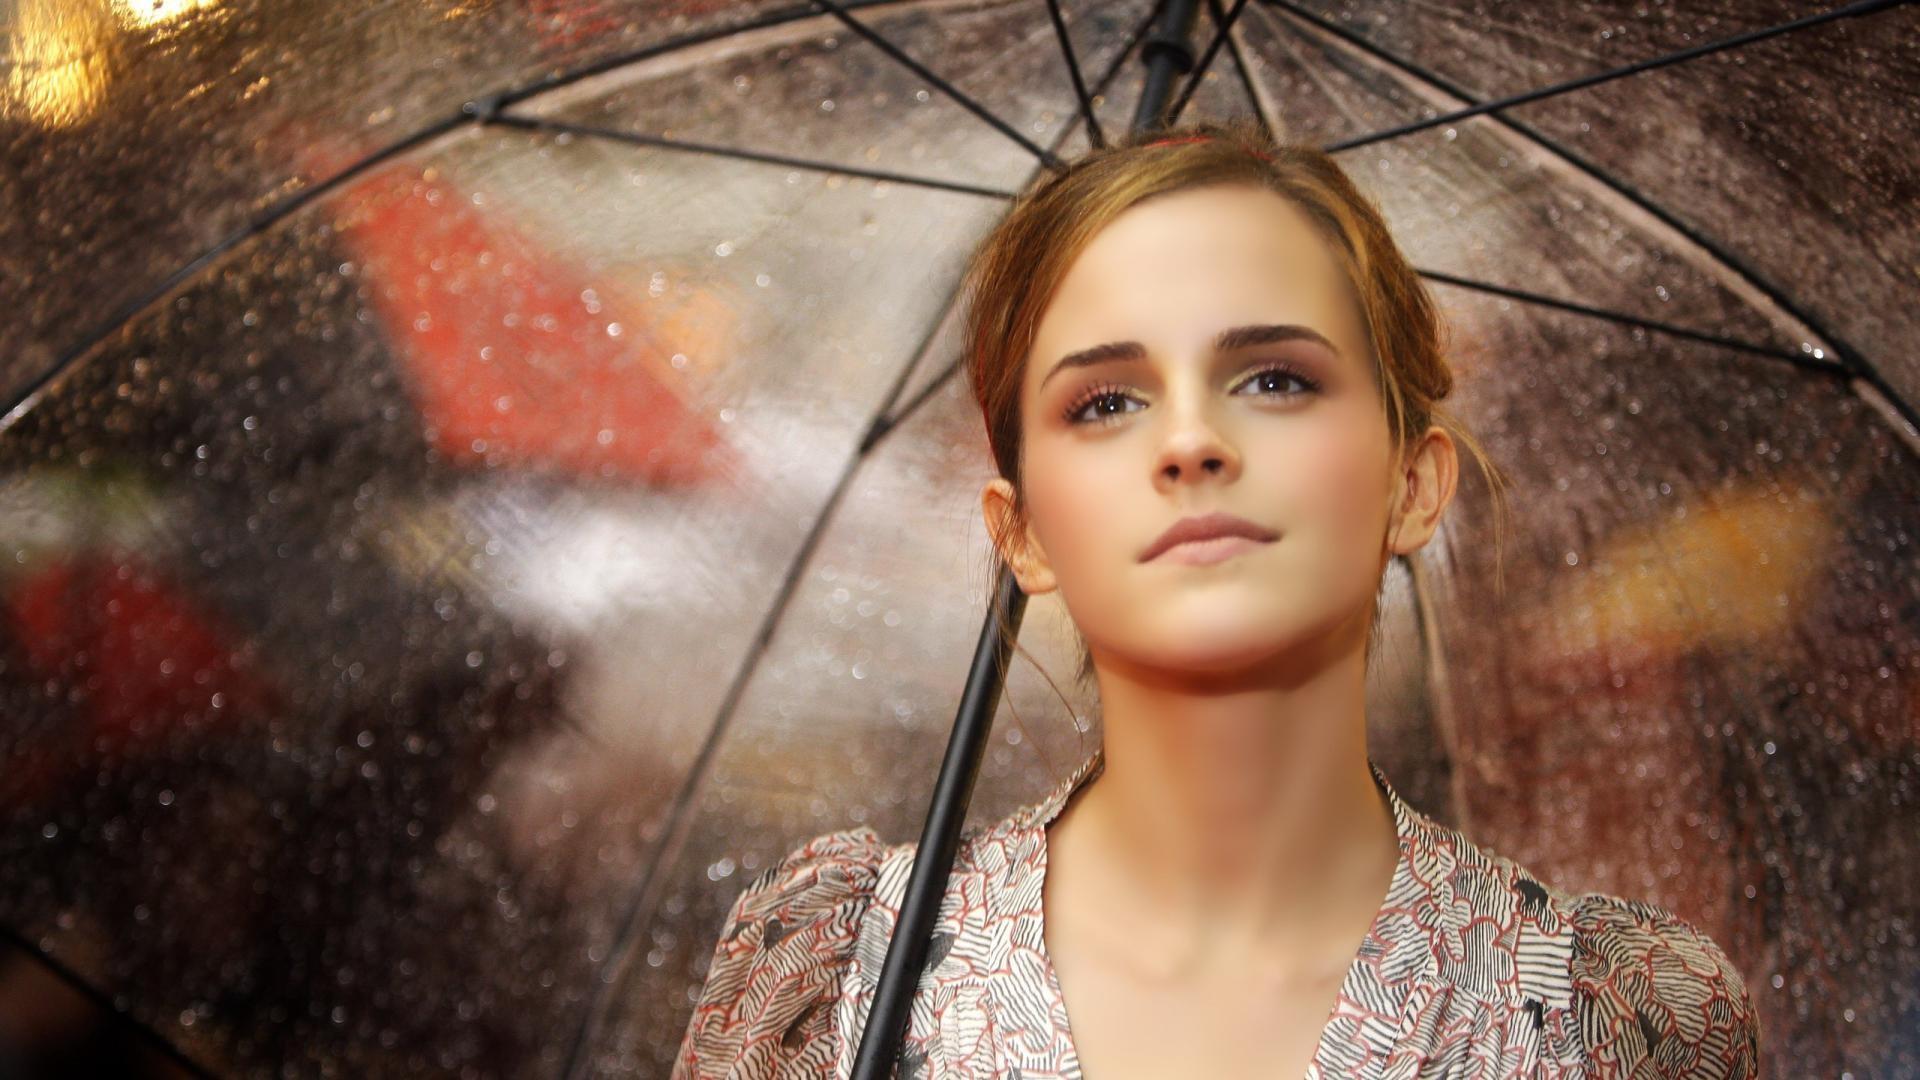 Emma Watson HD Wallpaper 4